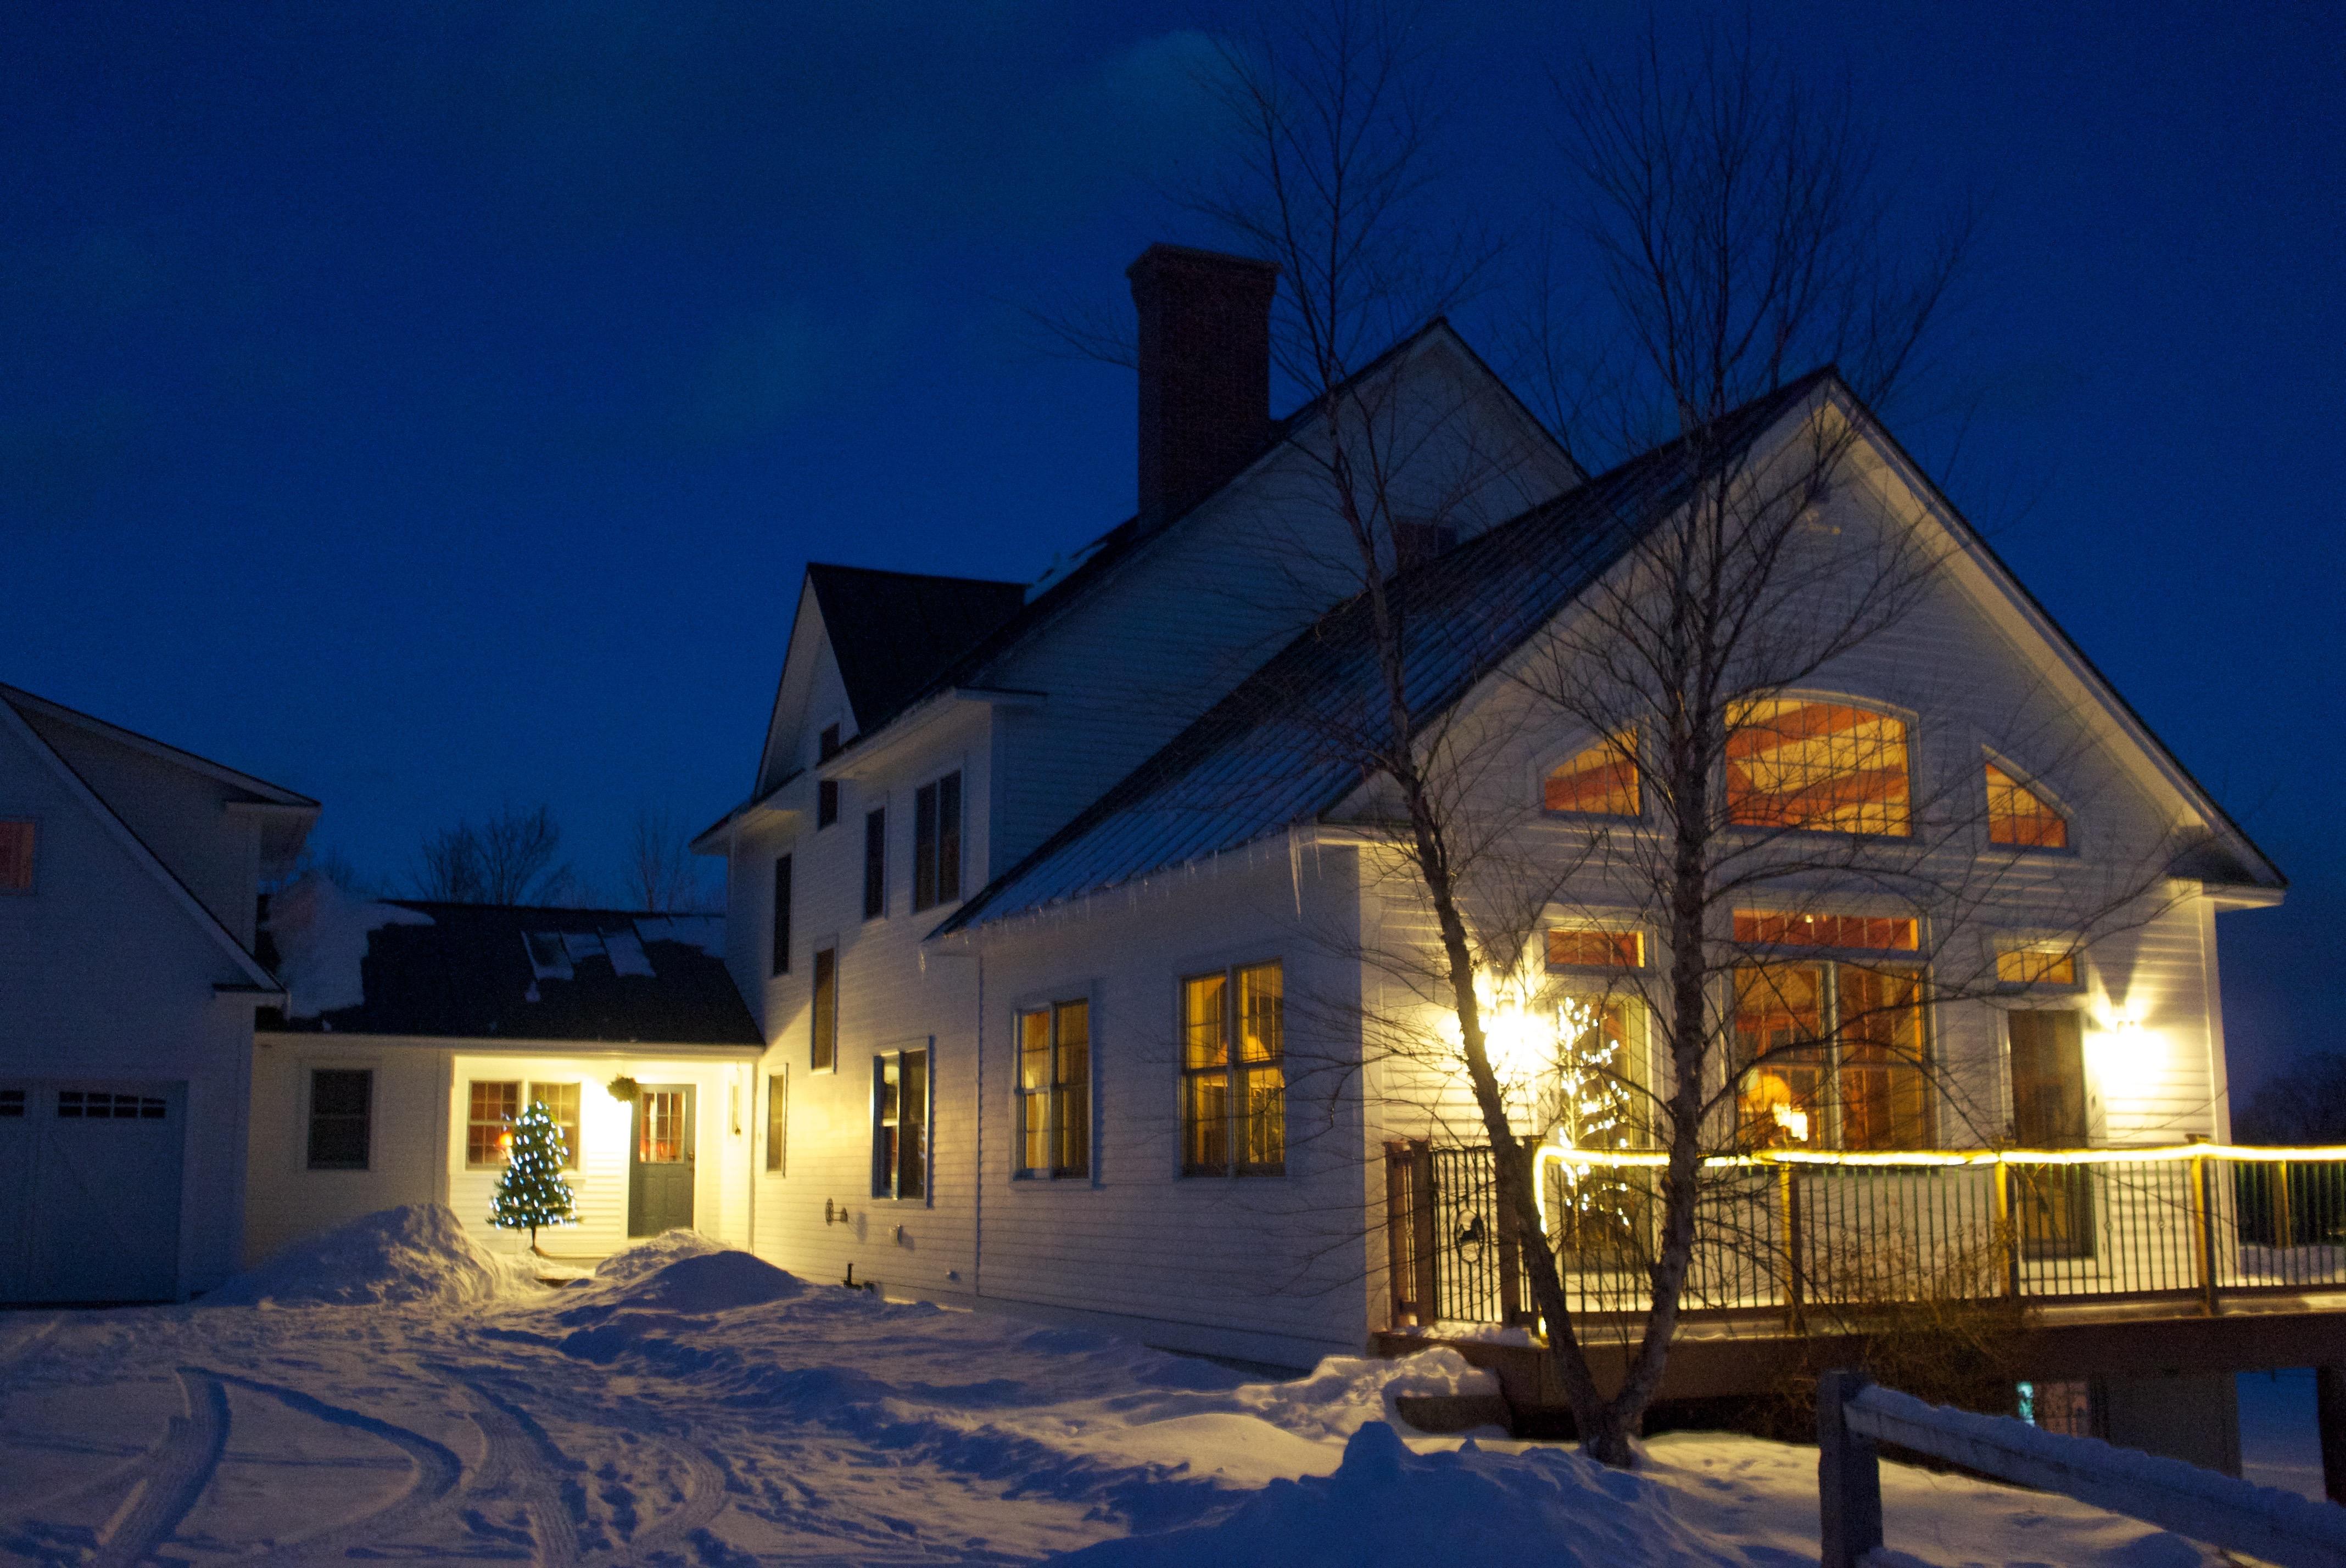 Частный односемейный дом для того Продажа на 593 Lear Hill Road Rd, Unity Unity, Нью-Гэмпшир, 03773 Соединенные Штаты